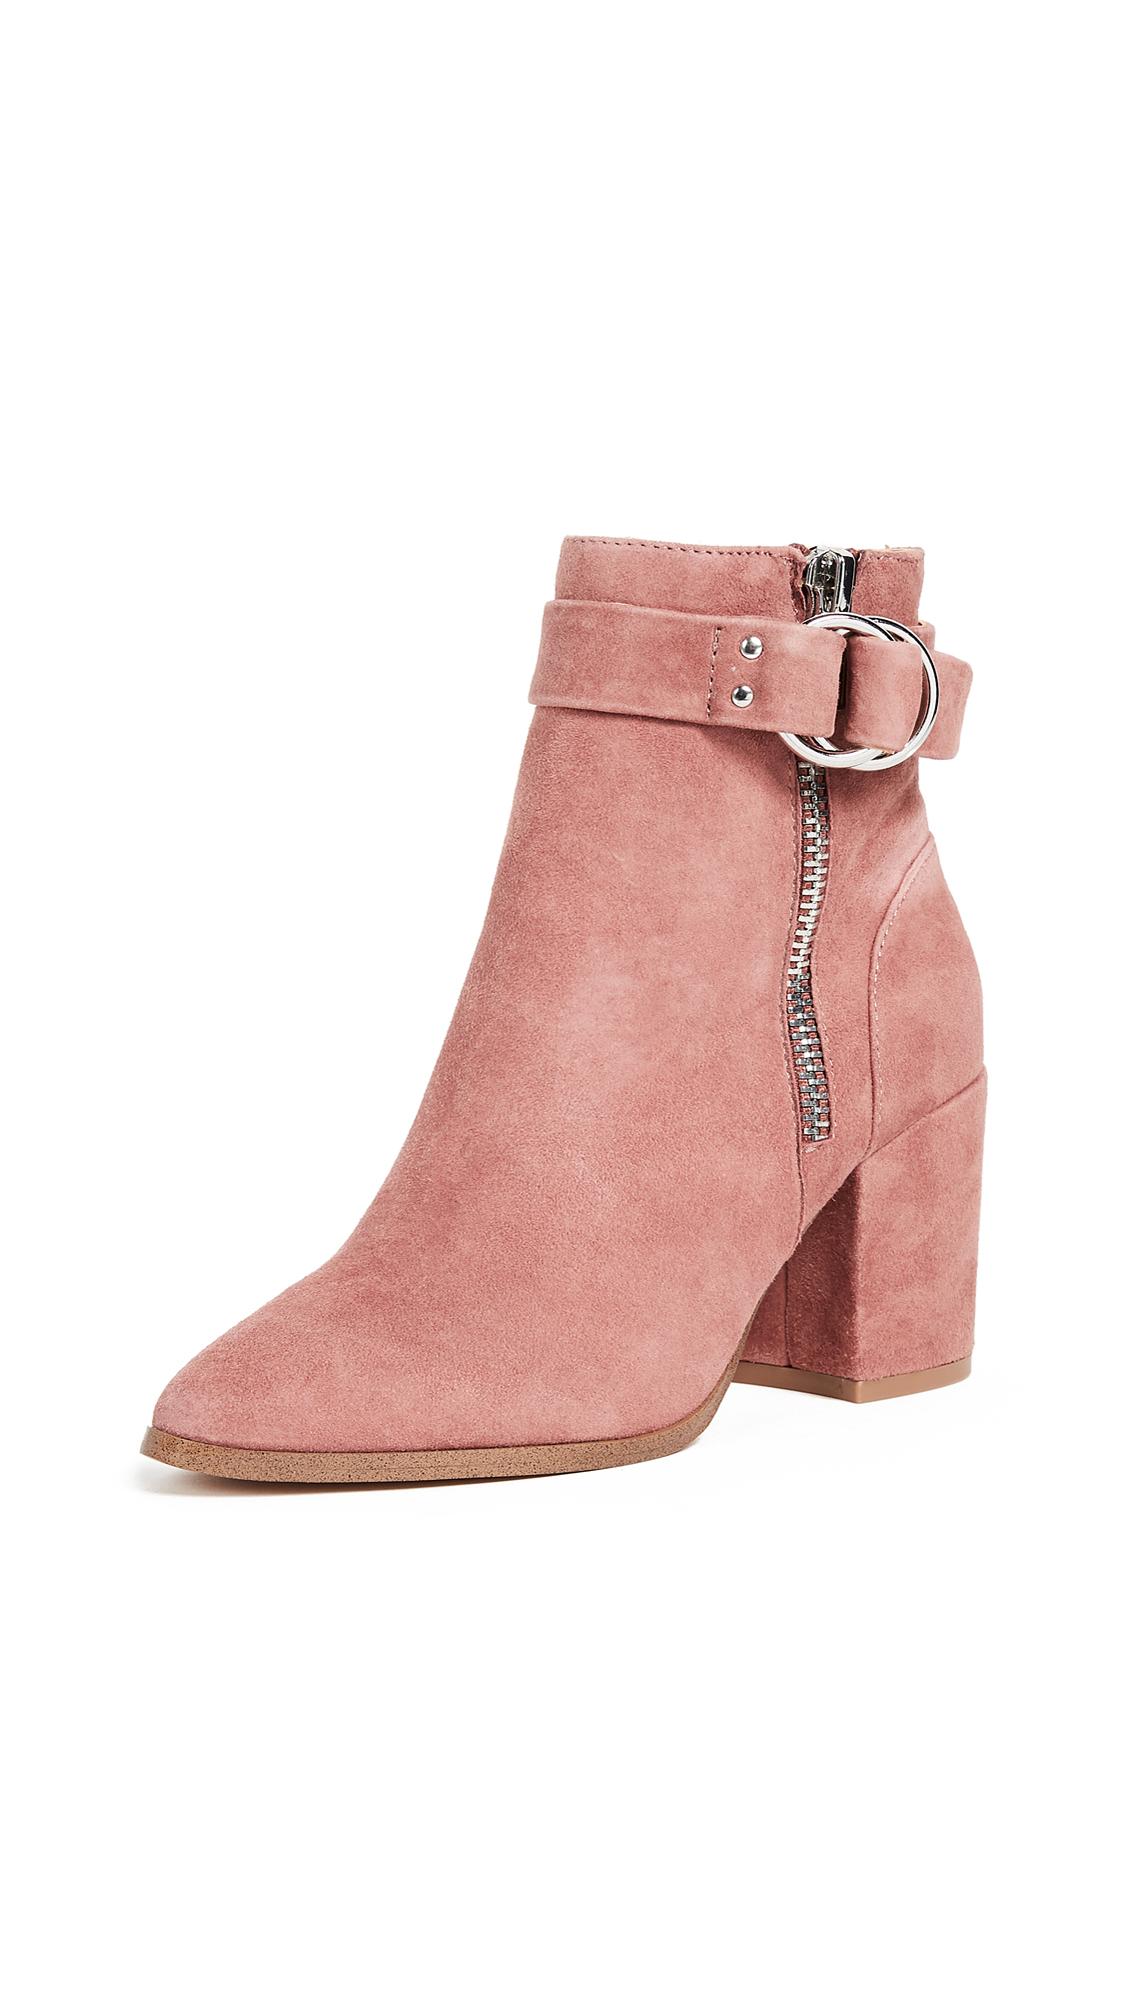 Steven Block Heel Ankle Boots - Pink